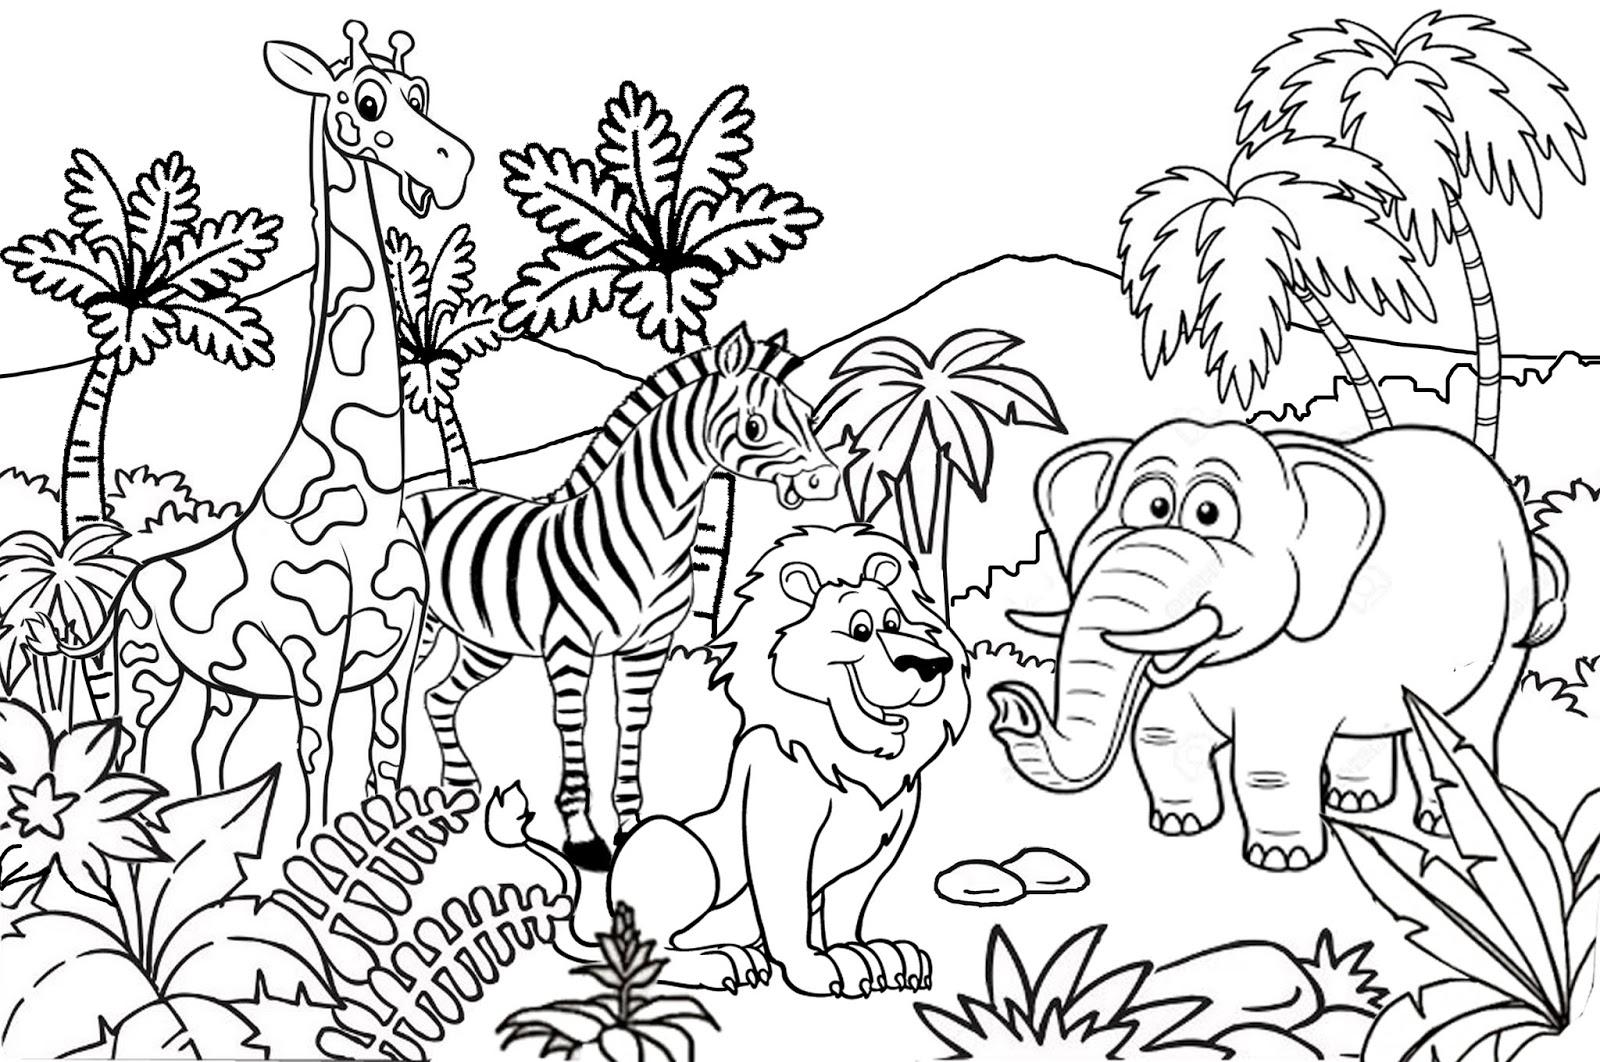 80 Mewarnai Gambar Hewan Di Hutan Terbaik